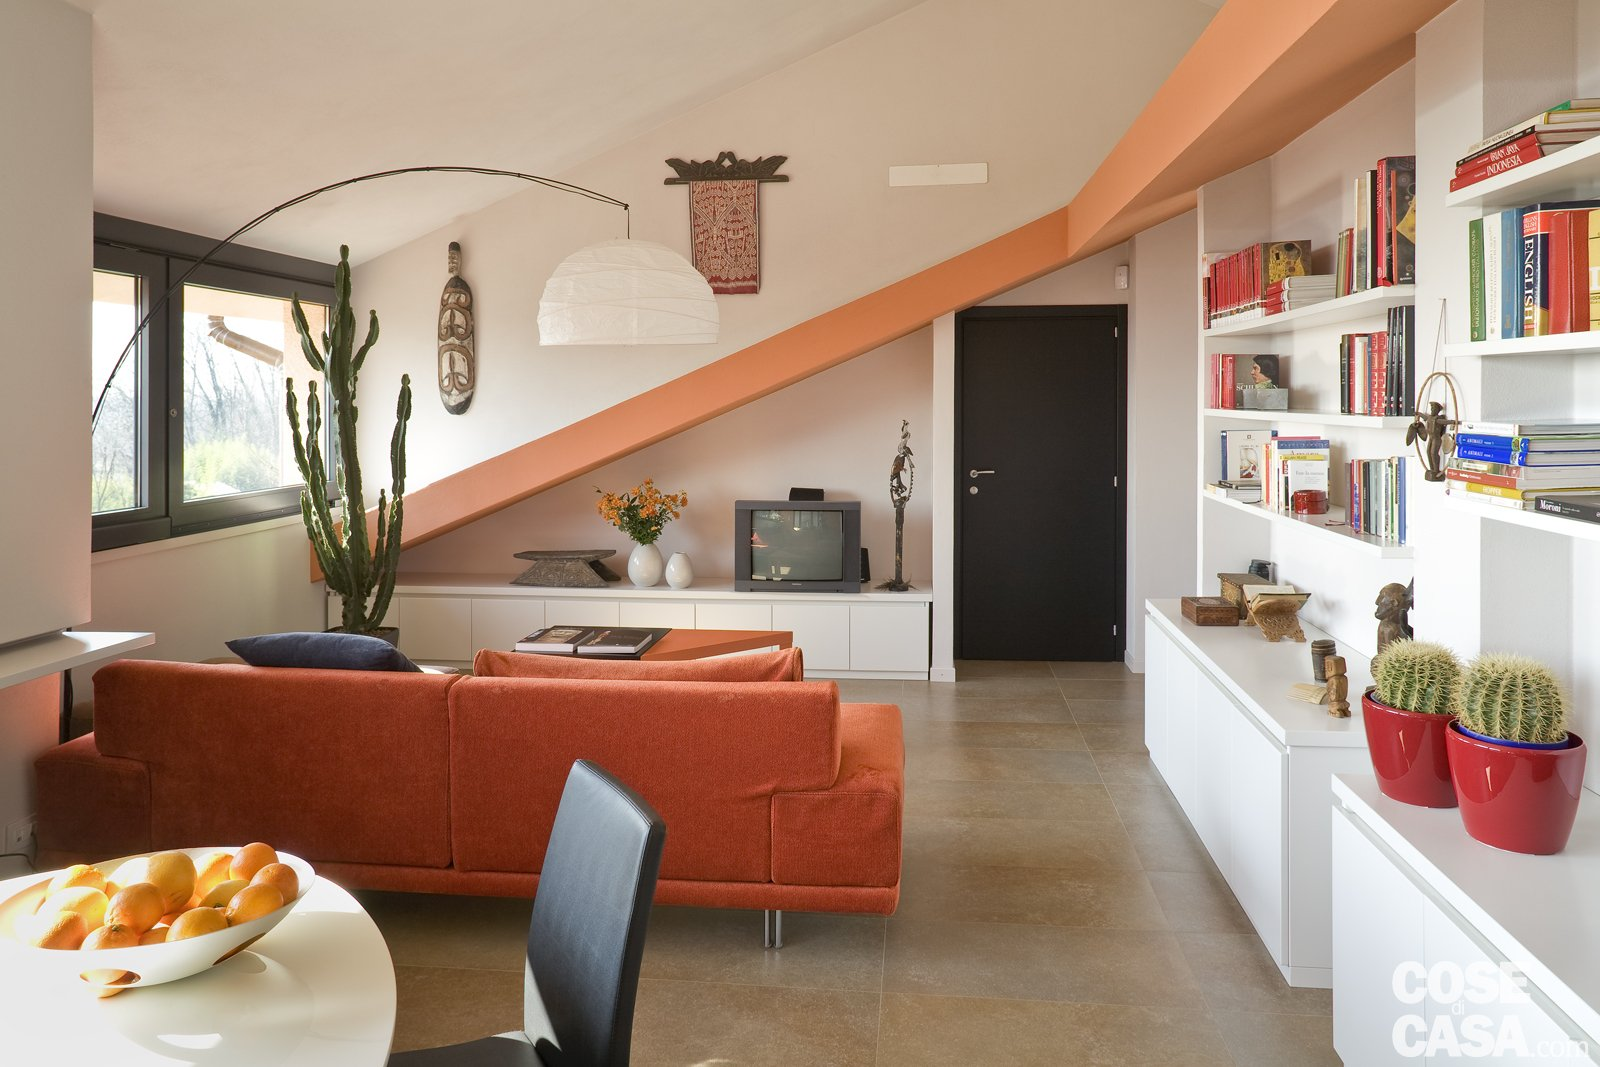 Casa in mansarda con le soluzioni giuste per gli spazi bassi cose di casa - Cucine per mansarde basse ...